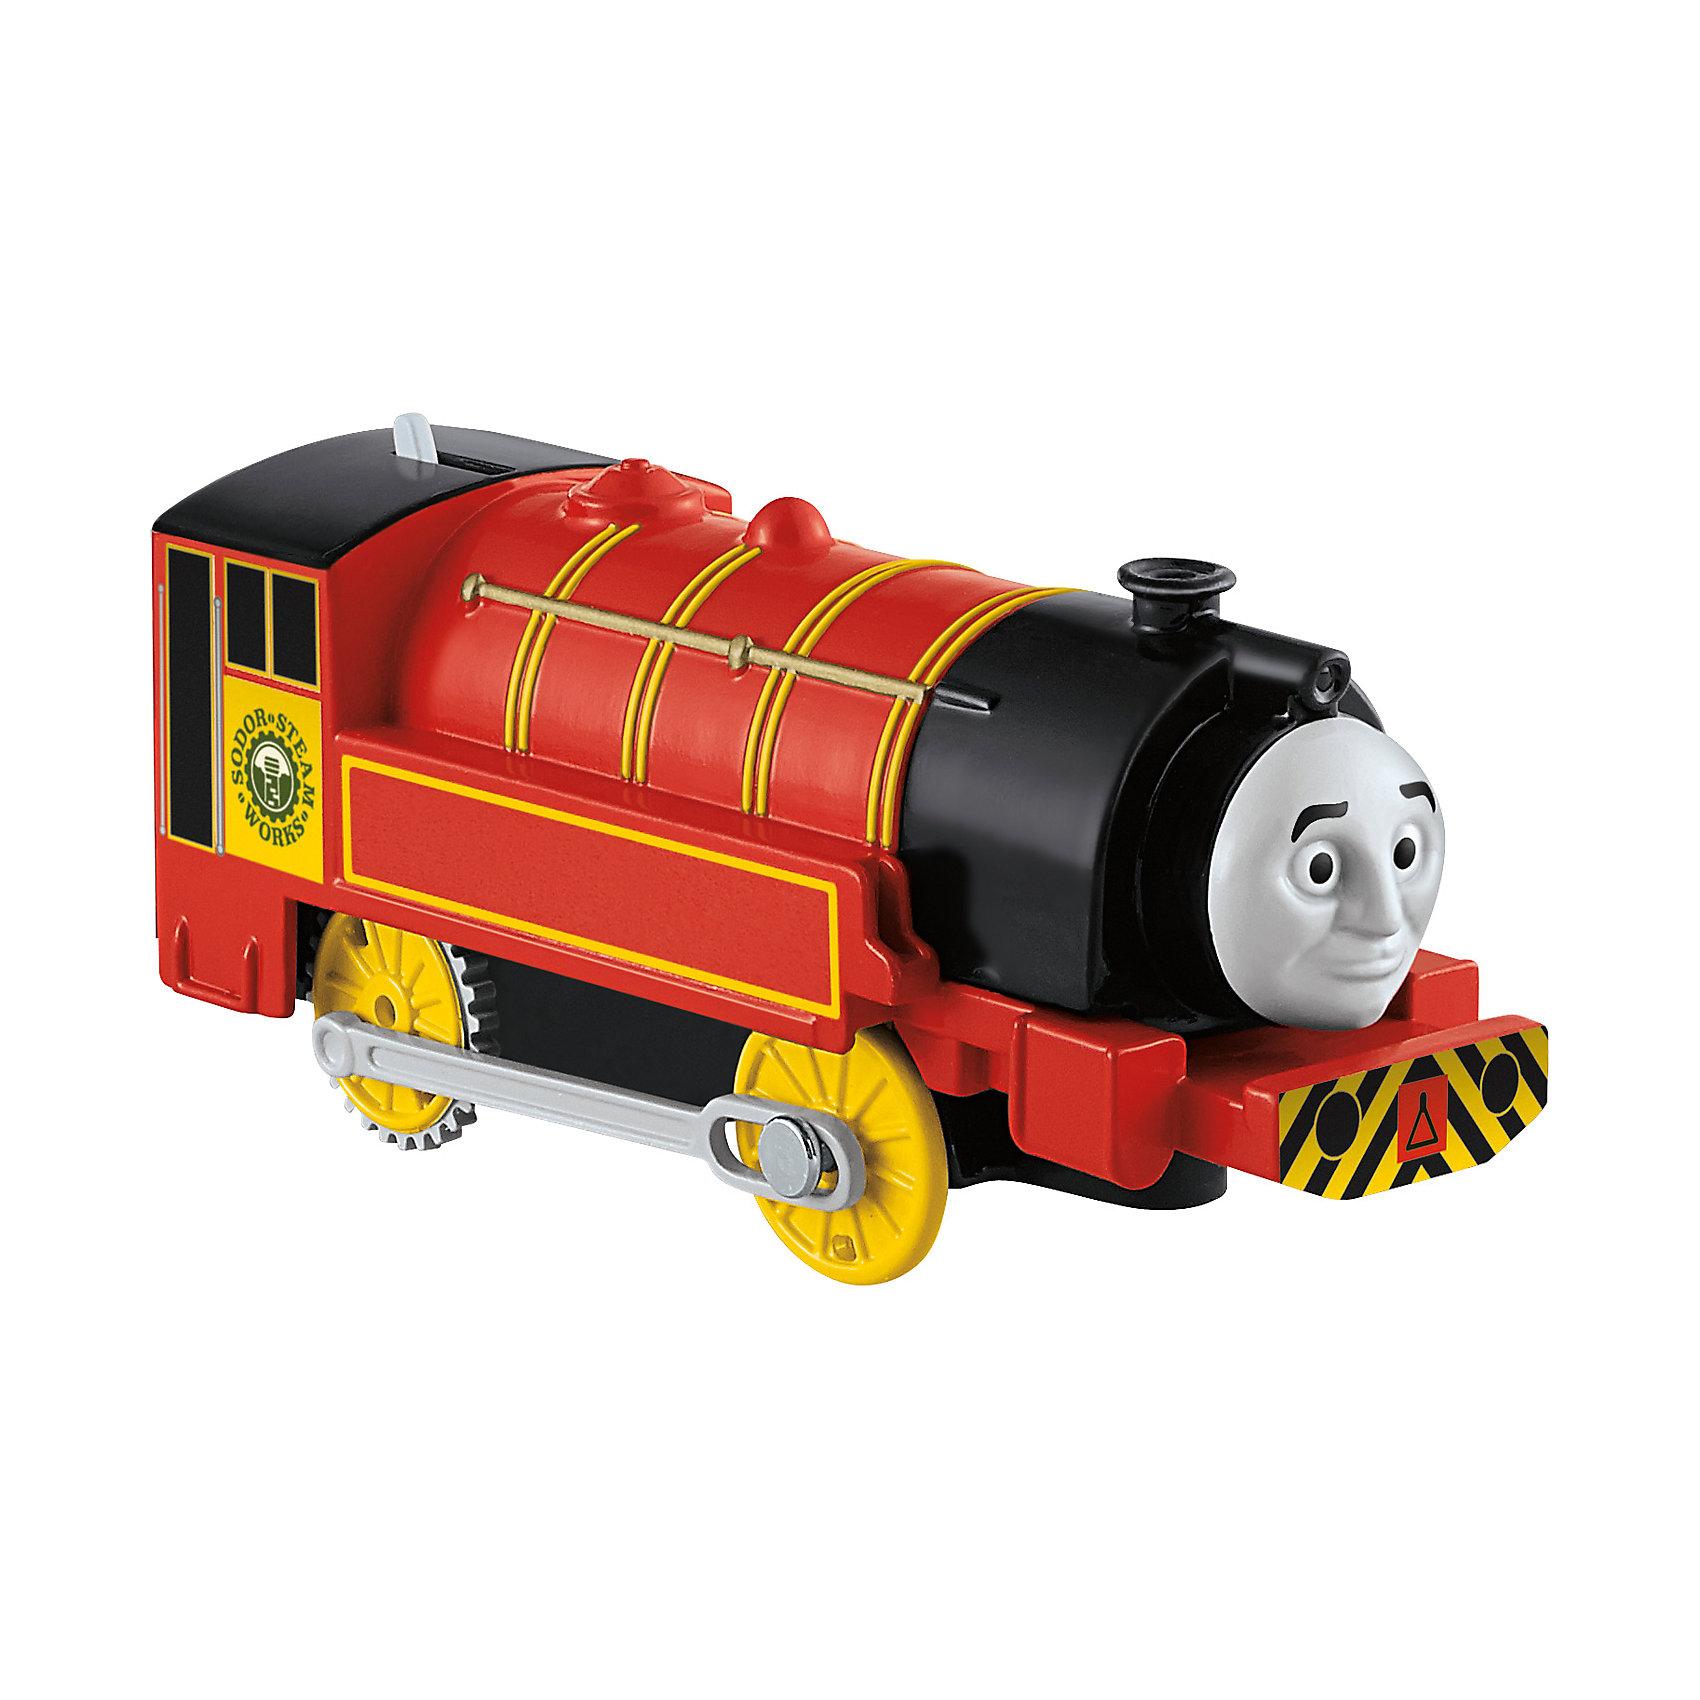 Моторизированный паровозик, Томас и его друзьяТомас и его друзья Игрушки<br>Железная дорога – увлекательная игра, знакомая многим родителям с детства. Моторизированные паровозики – новое слово техники в сфере детских игрушек. Томас , веселый паровозик, ездит по железной дороге вместе со своими друзьями. В наборе представлено 6 игрушек. Все модели упакованы в удобную картонную коробку, компактного размера, подходящую для хранения. Материалы, использованные при изготовлении игрушек, сертифицированы, полностью безопасны для детей и отвечают всем требованиям по качеству.<br><br>Дополнительная информация: <br><br>цвет: разноцветный;<br>возраст: 3+;<br>количество: 6 штук;<br>материал: высококачественный пластик.<br>Моторизированные паровозики «Томас и его друзья» от компании Mattel можно приобрести в нашем магазине<br><br>Ширина мм: 45<br>Глубина мм: 210<br>Высота мм: 140<br>Вес г: 166<br>Возраст от месяцев: 36<br>Возраст до месяцев: 120<br>Пол: Унисекс<br>Возраст: Детский<br>SKU: 5004514